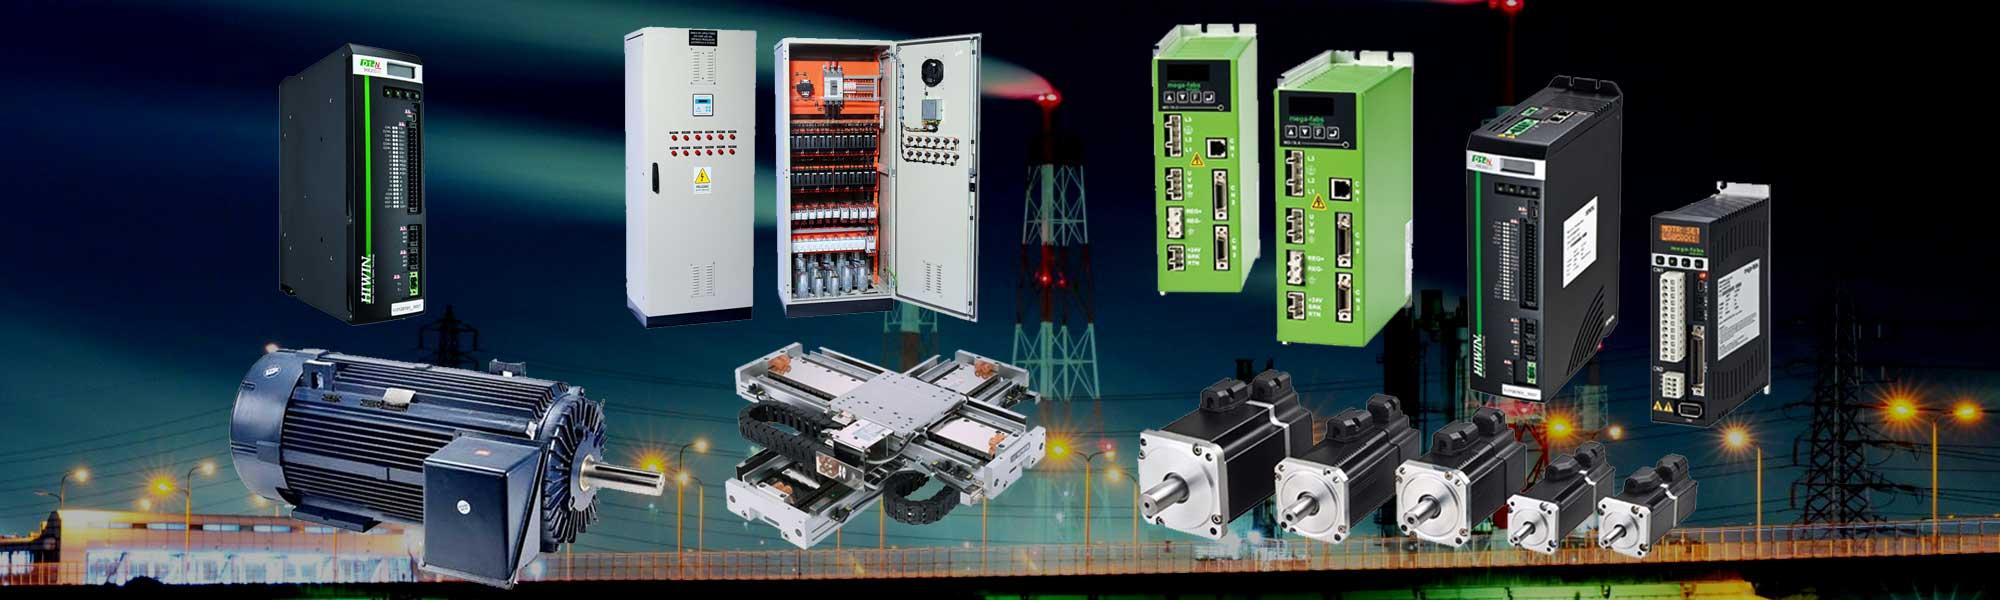 equipo eléctrico y electrónico industrial | Babachu